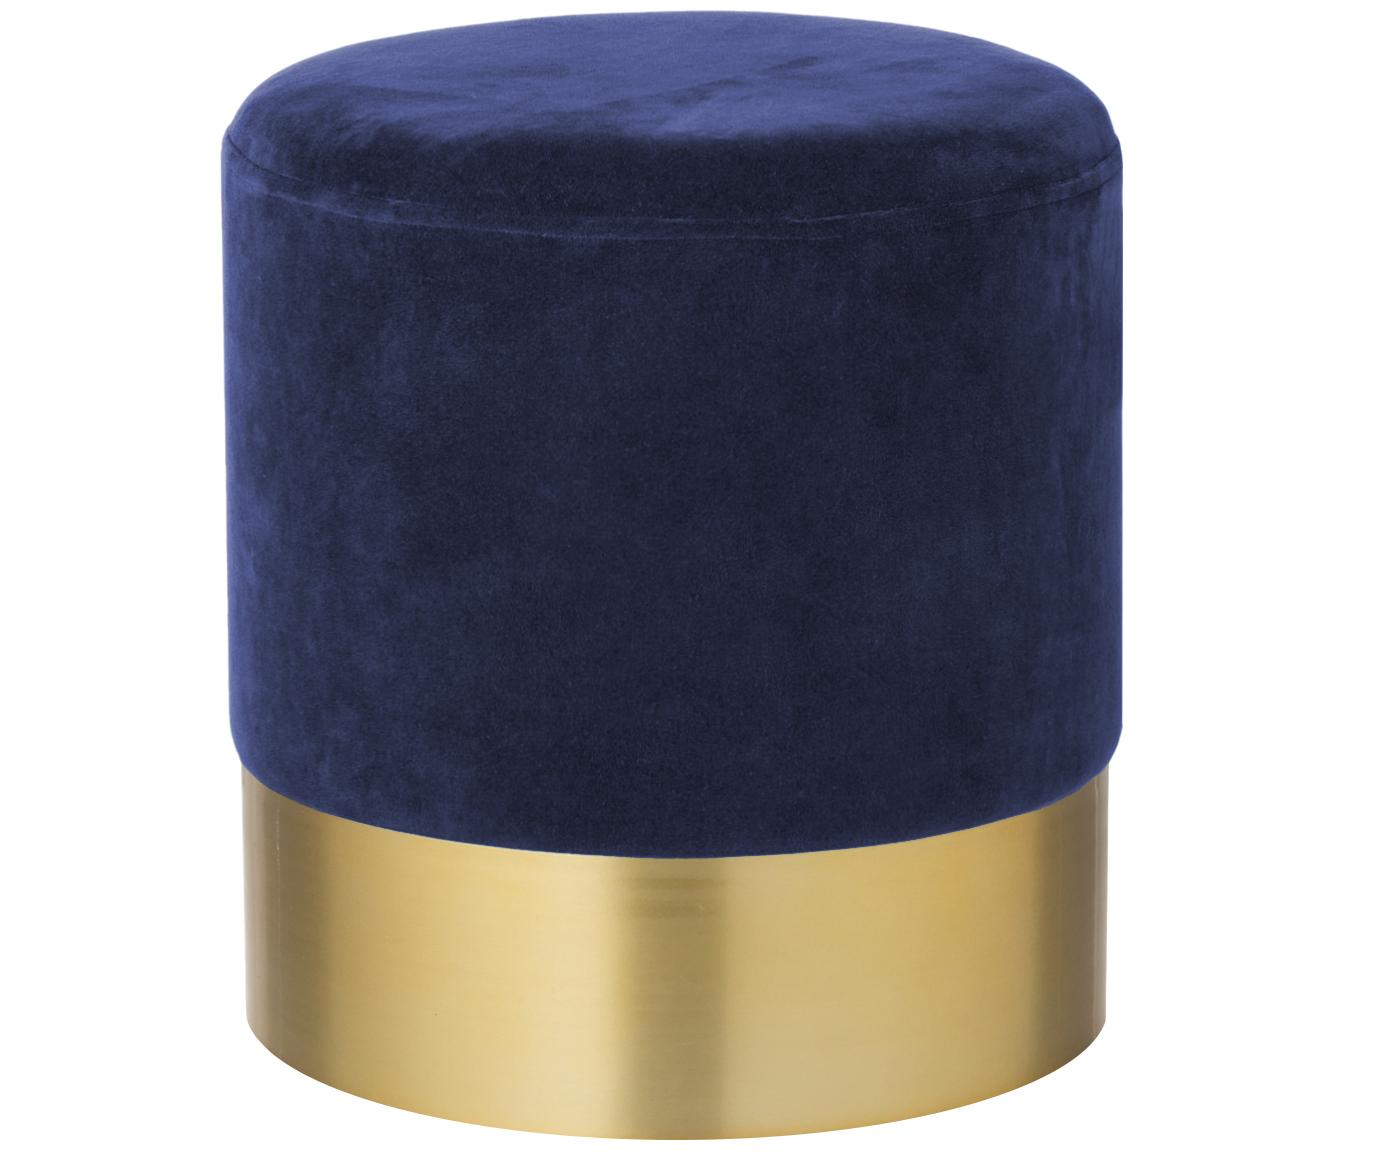 Fluwelen poef Harlow, Bekleding: katoen fluweel, Voet: gepoedercoat ijzer, Marineblauw, goudkleurig, Ø 38 x H 42 cm